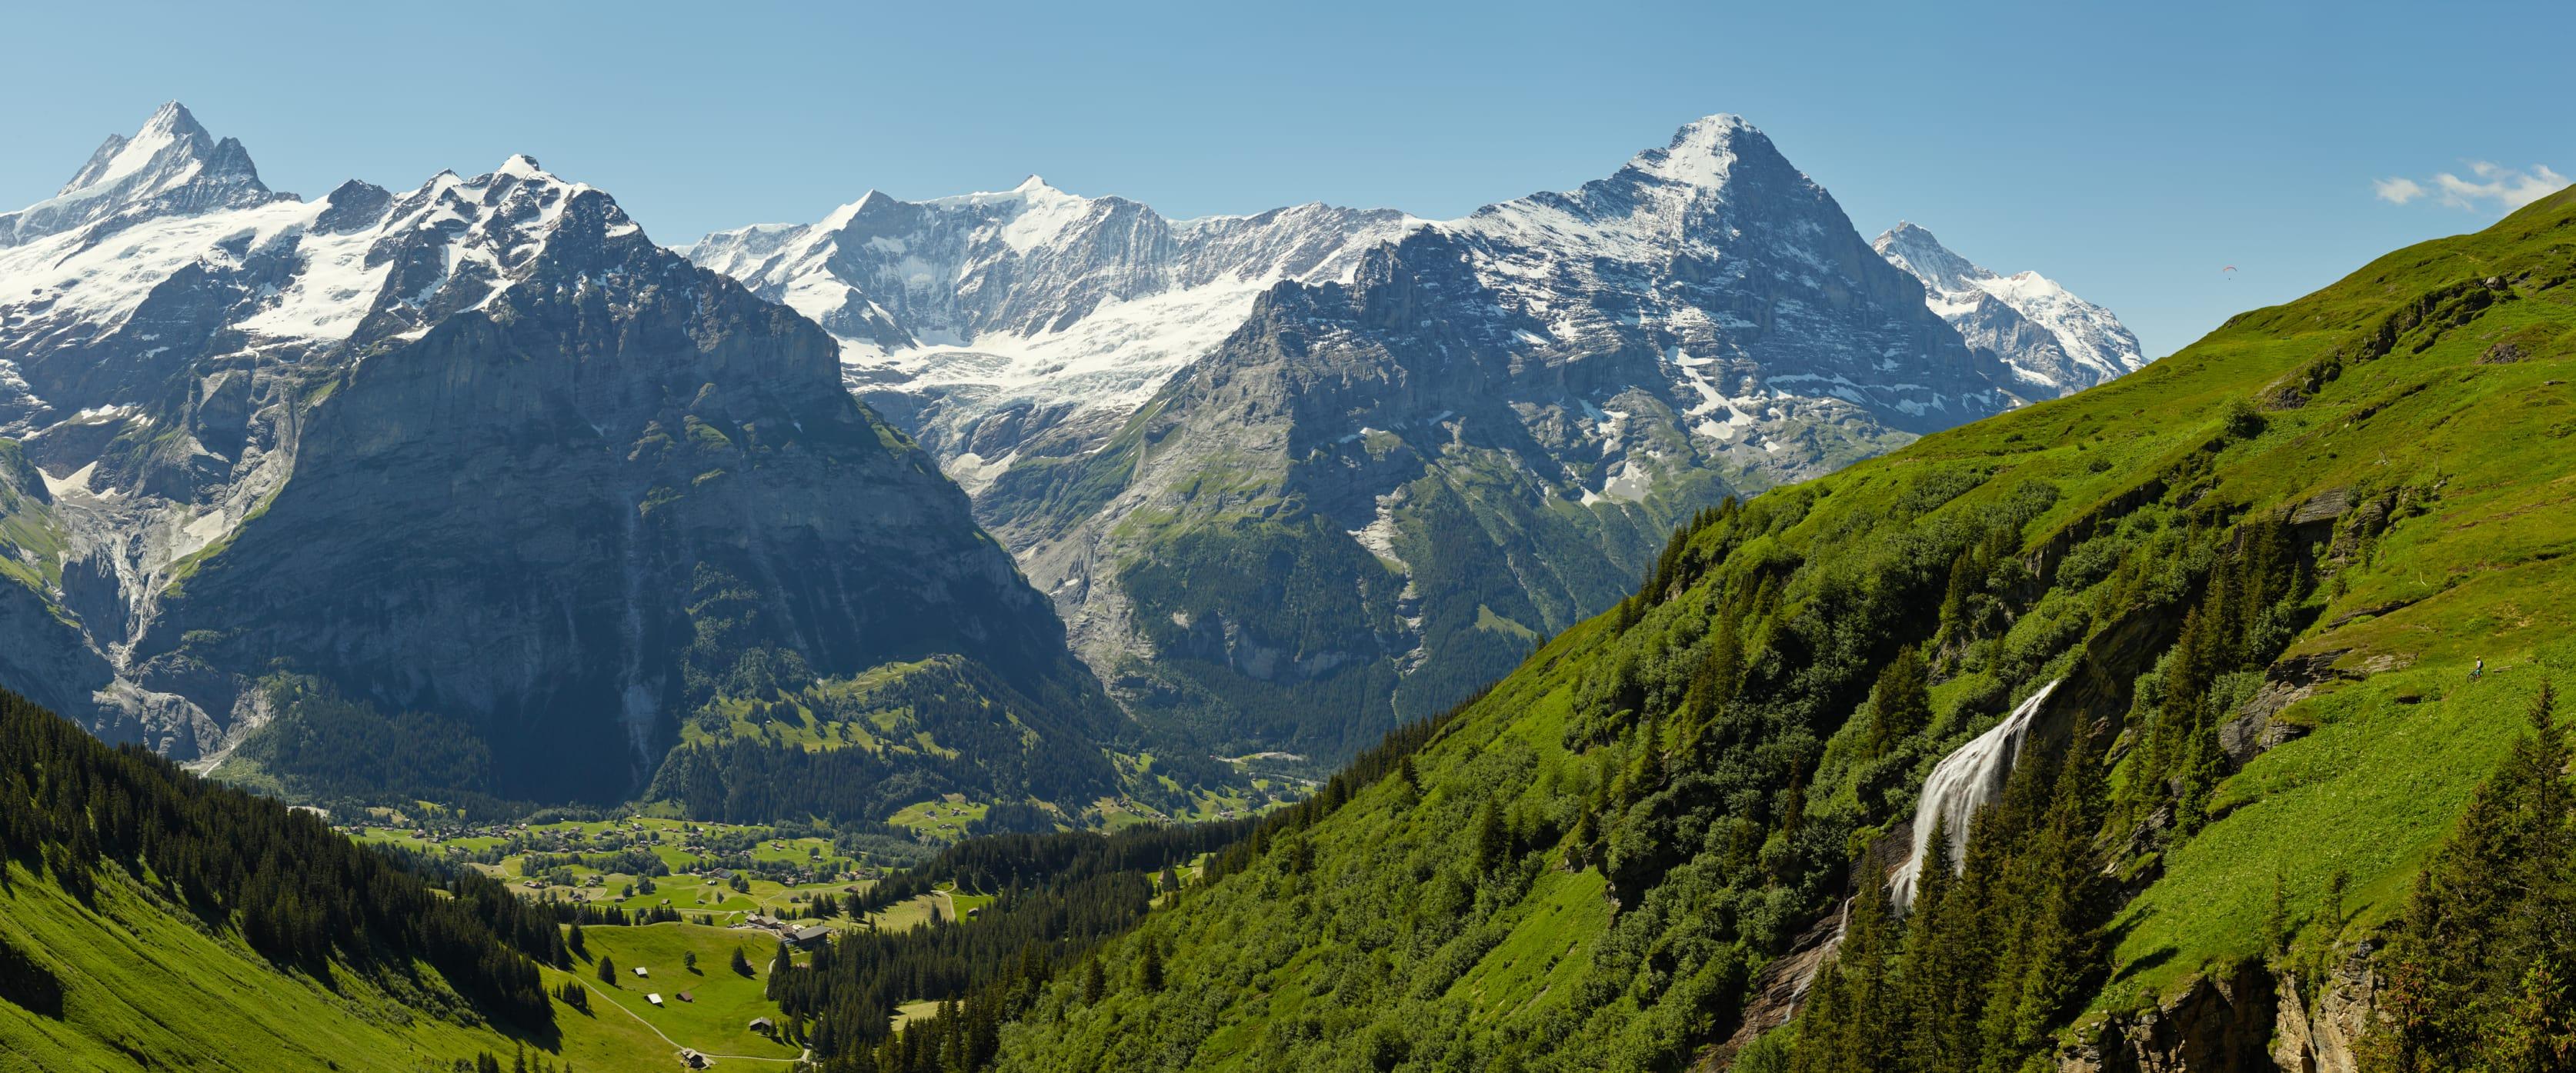 Biken Eiger Schreckhorn Panorama Grindelwald Wasserfall